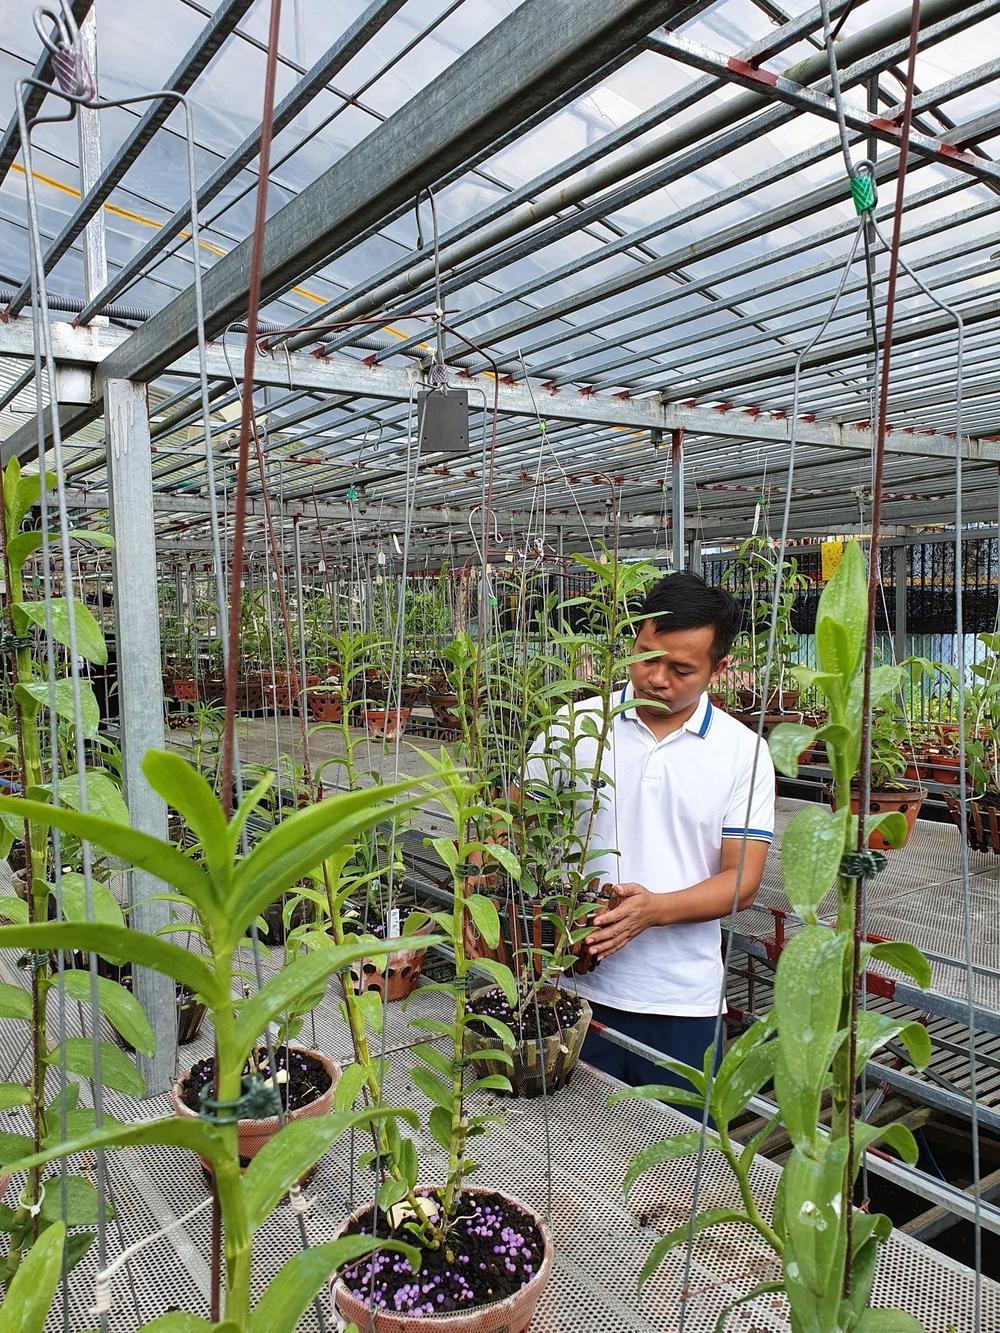 Ông chủ vườn lan Dương Xuân Tú thành công nhờ đam mê từ nhỏ Ảnh 2